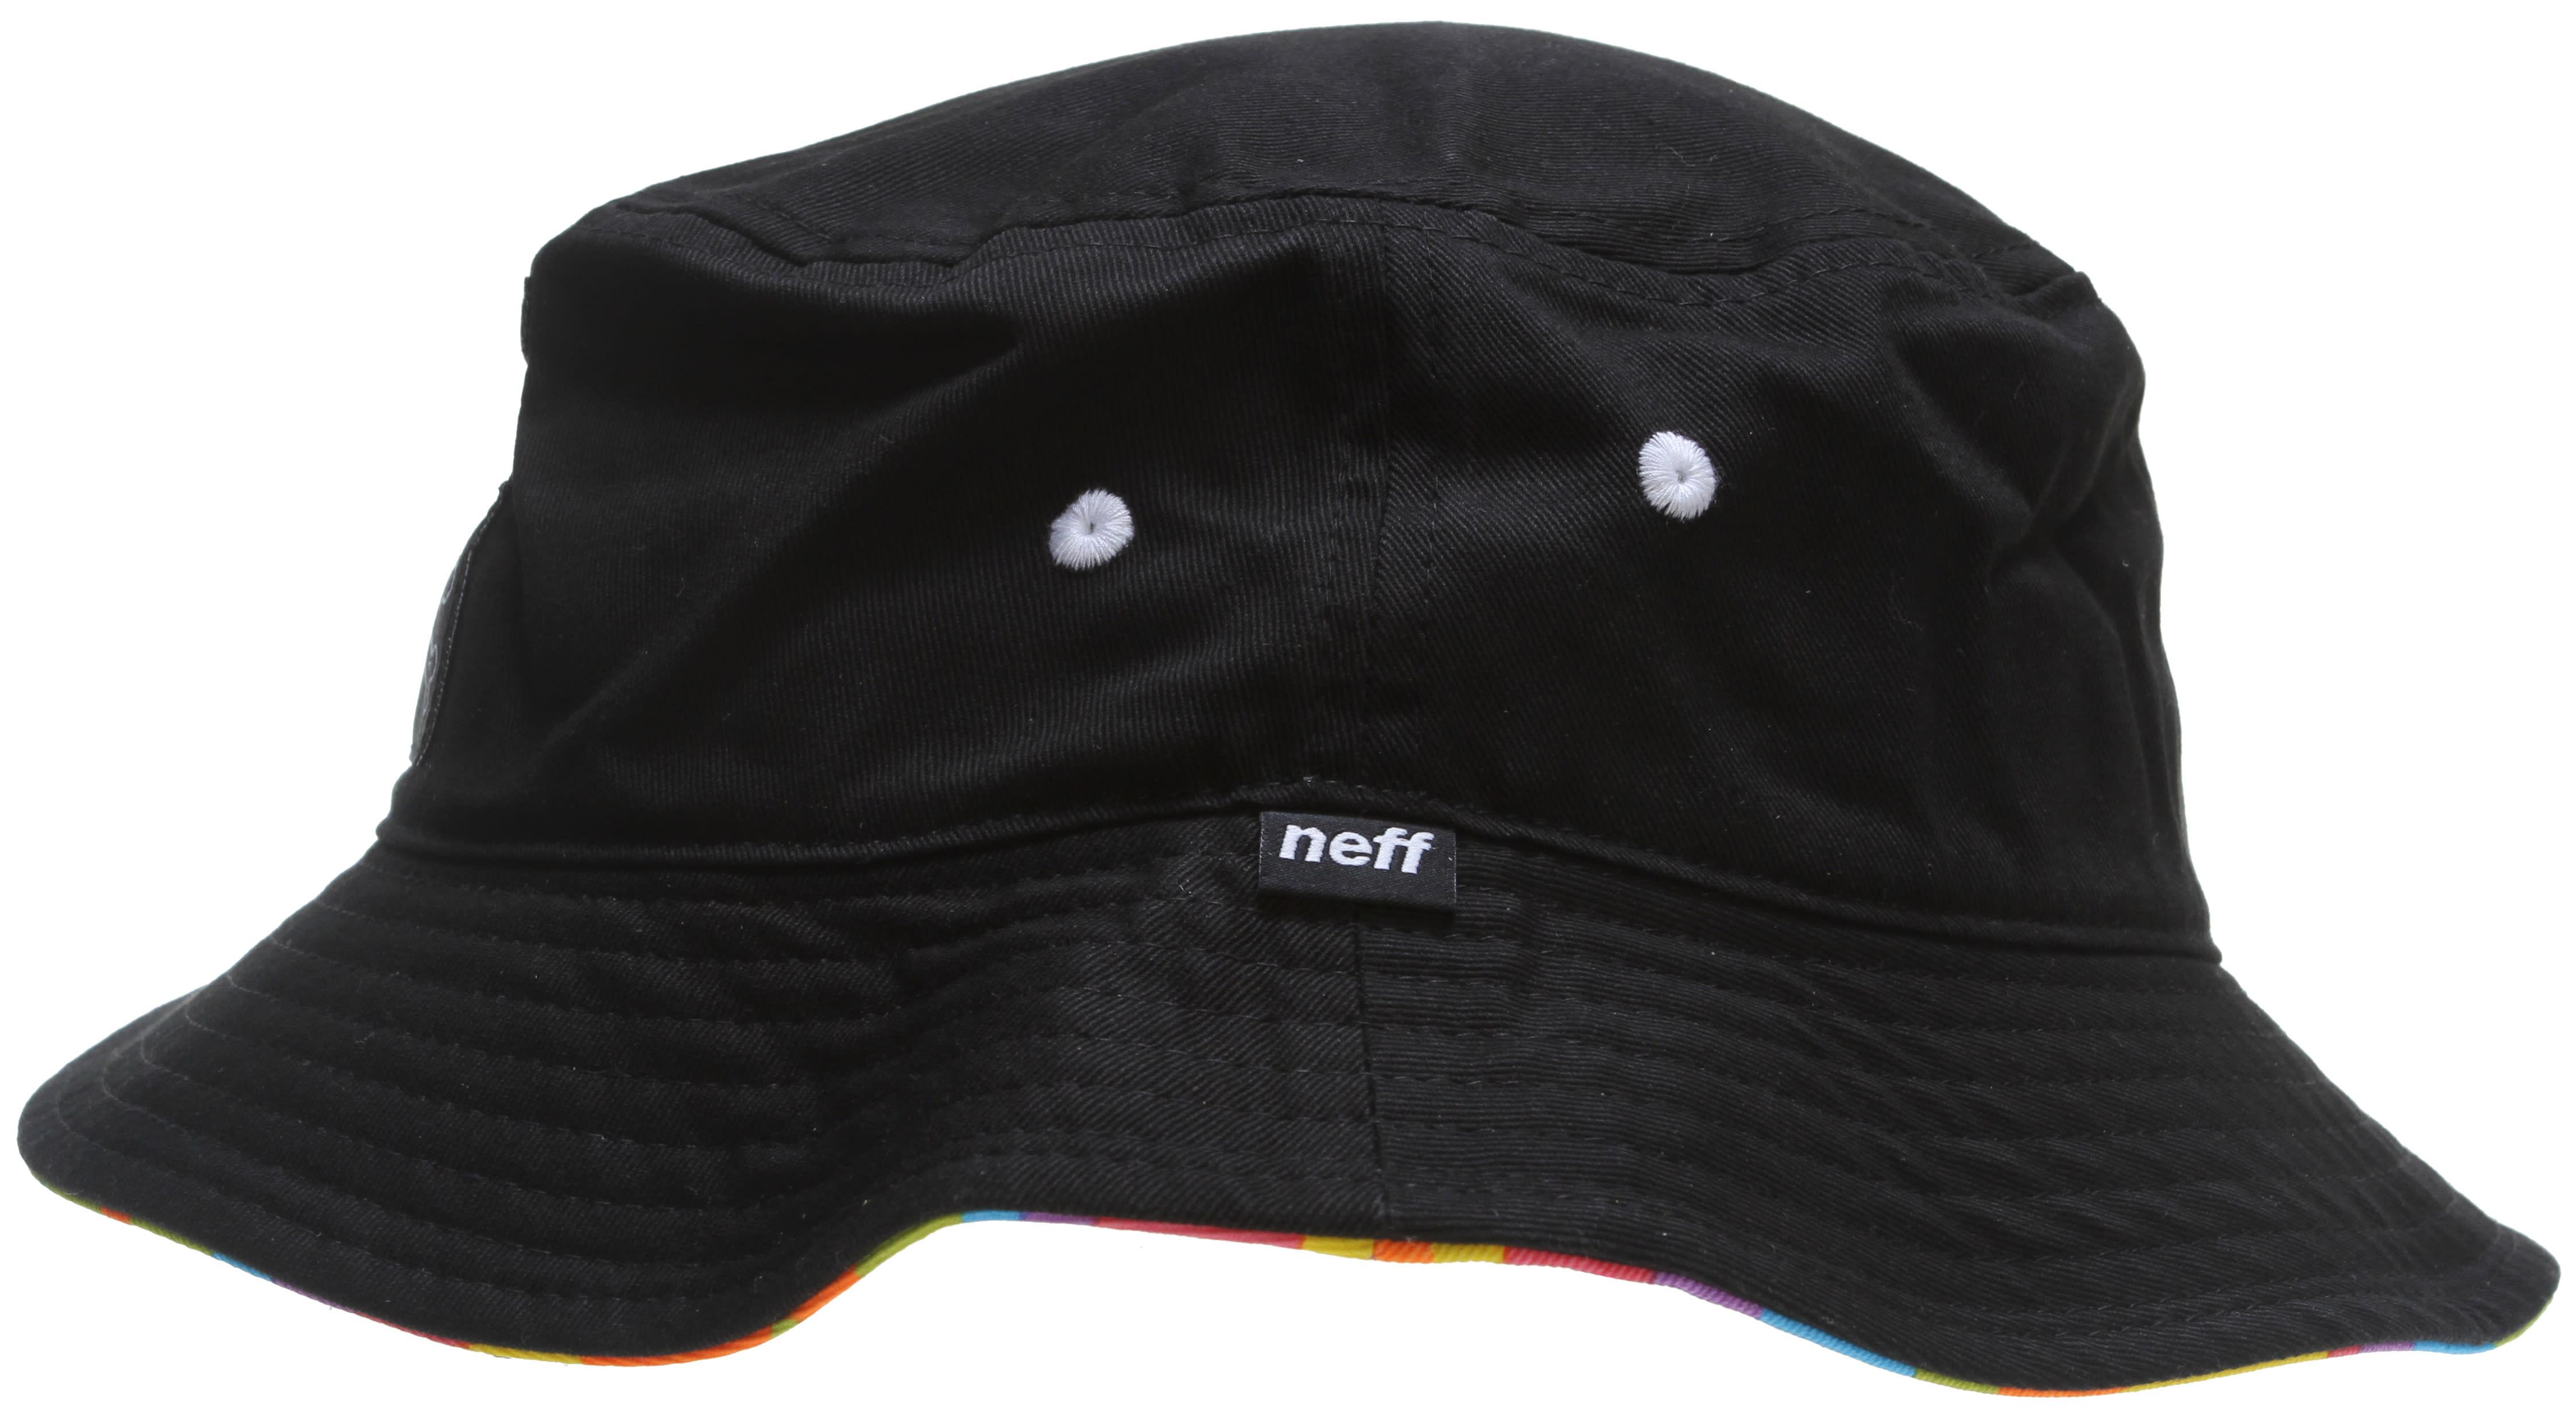 532ef392c2a Neff Simpsons Bucket Hat - thumbnail 2